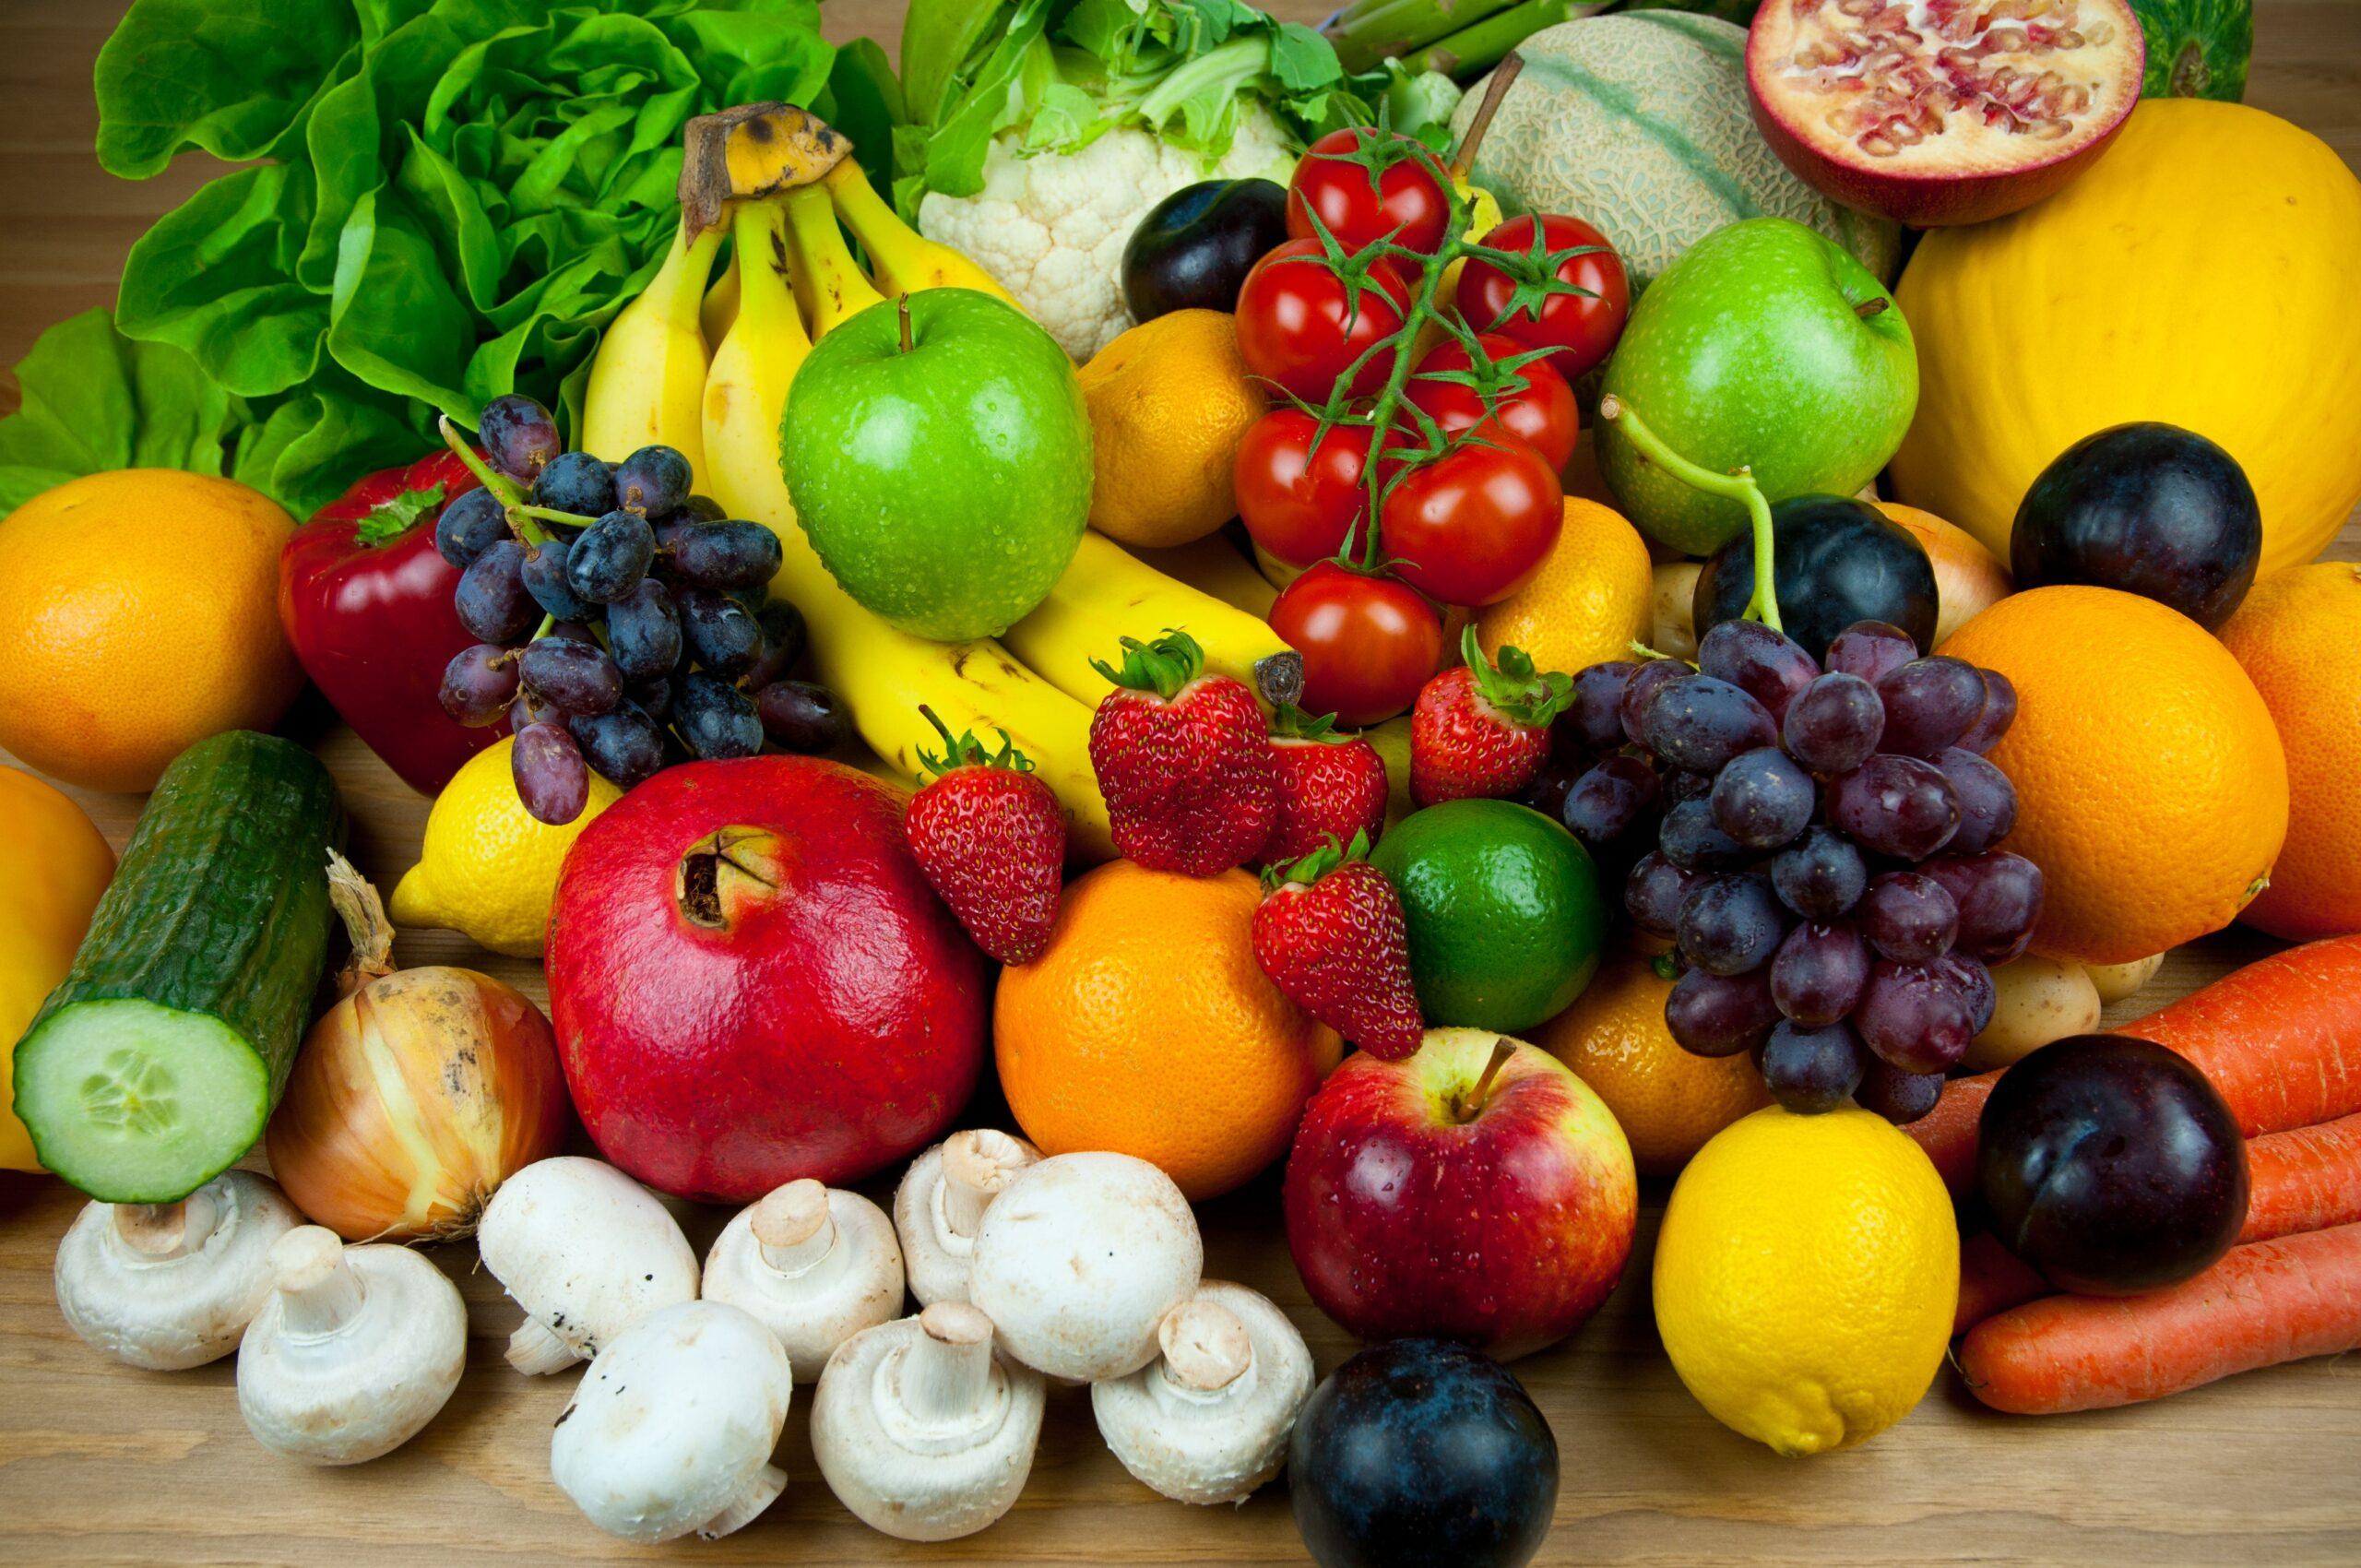 Come congelare correttamente frutta e verdura del vostro orto